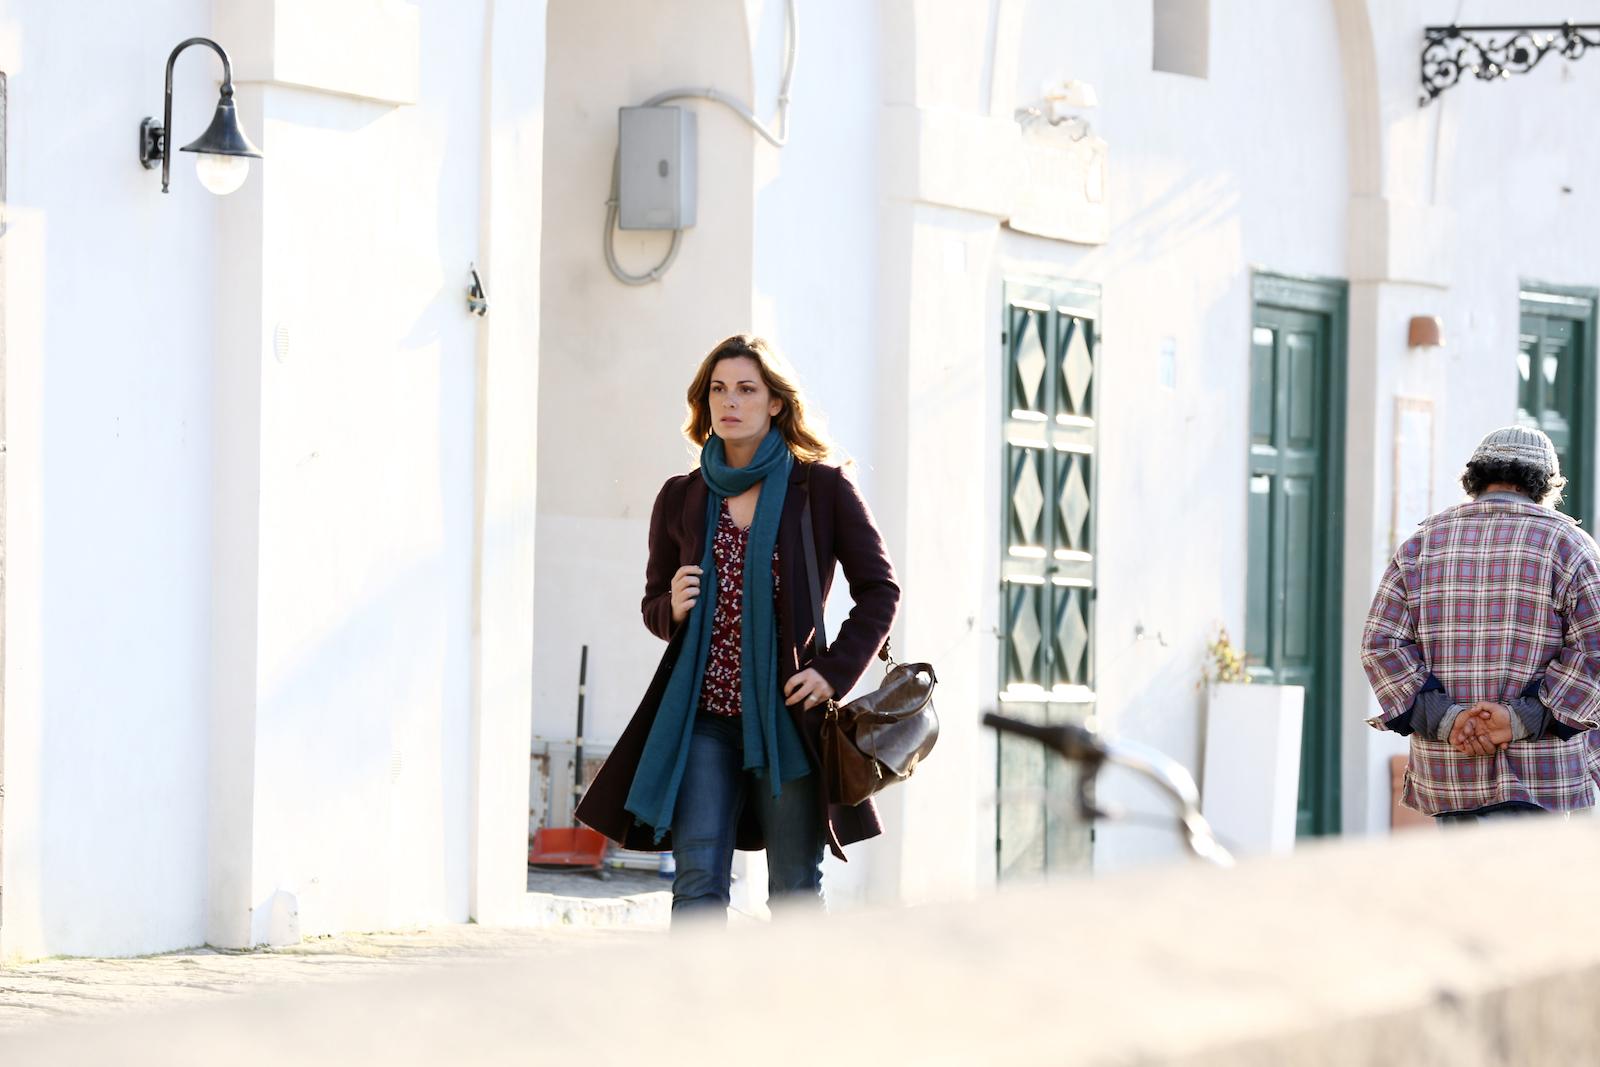 Un'altra vita: Vanessa Incontrada in una scena della fiction Rai